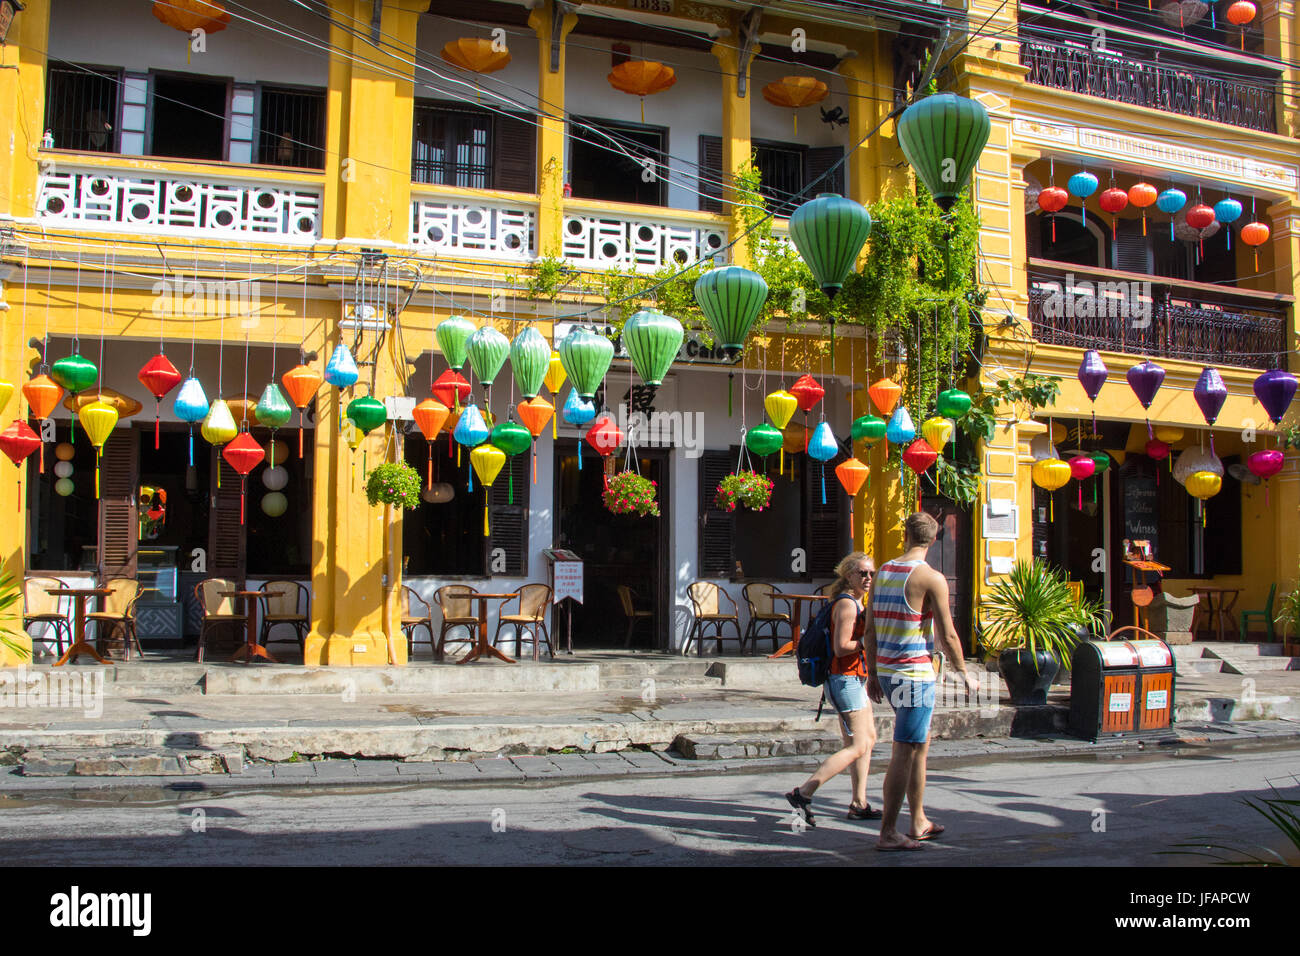 Les touristes des lanternes traditionnelles à Hoi An, Vietnam Photo Stock